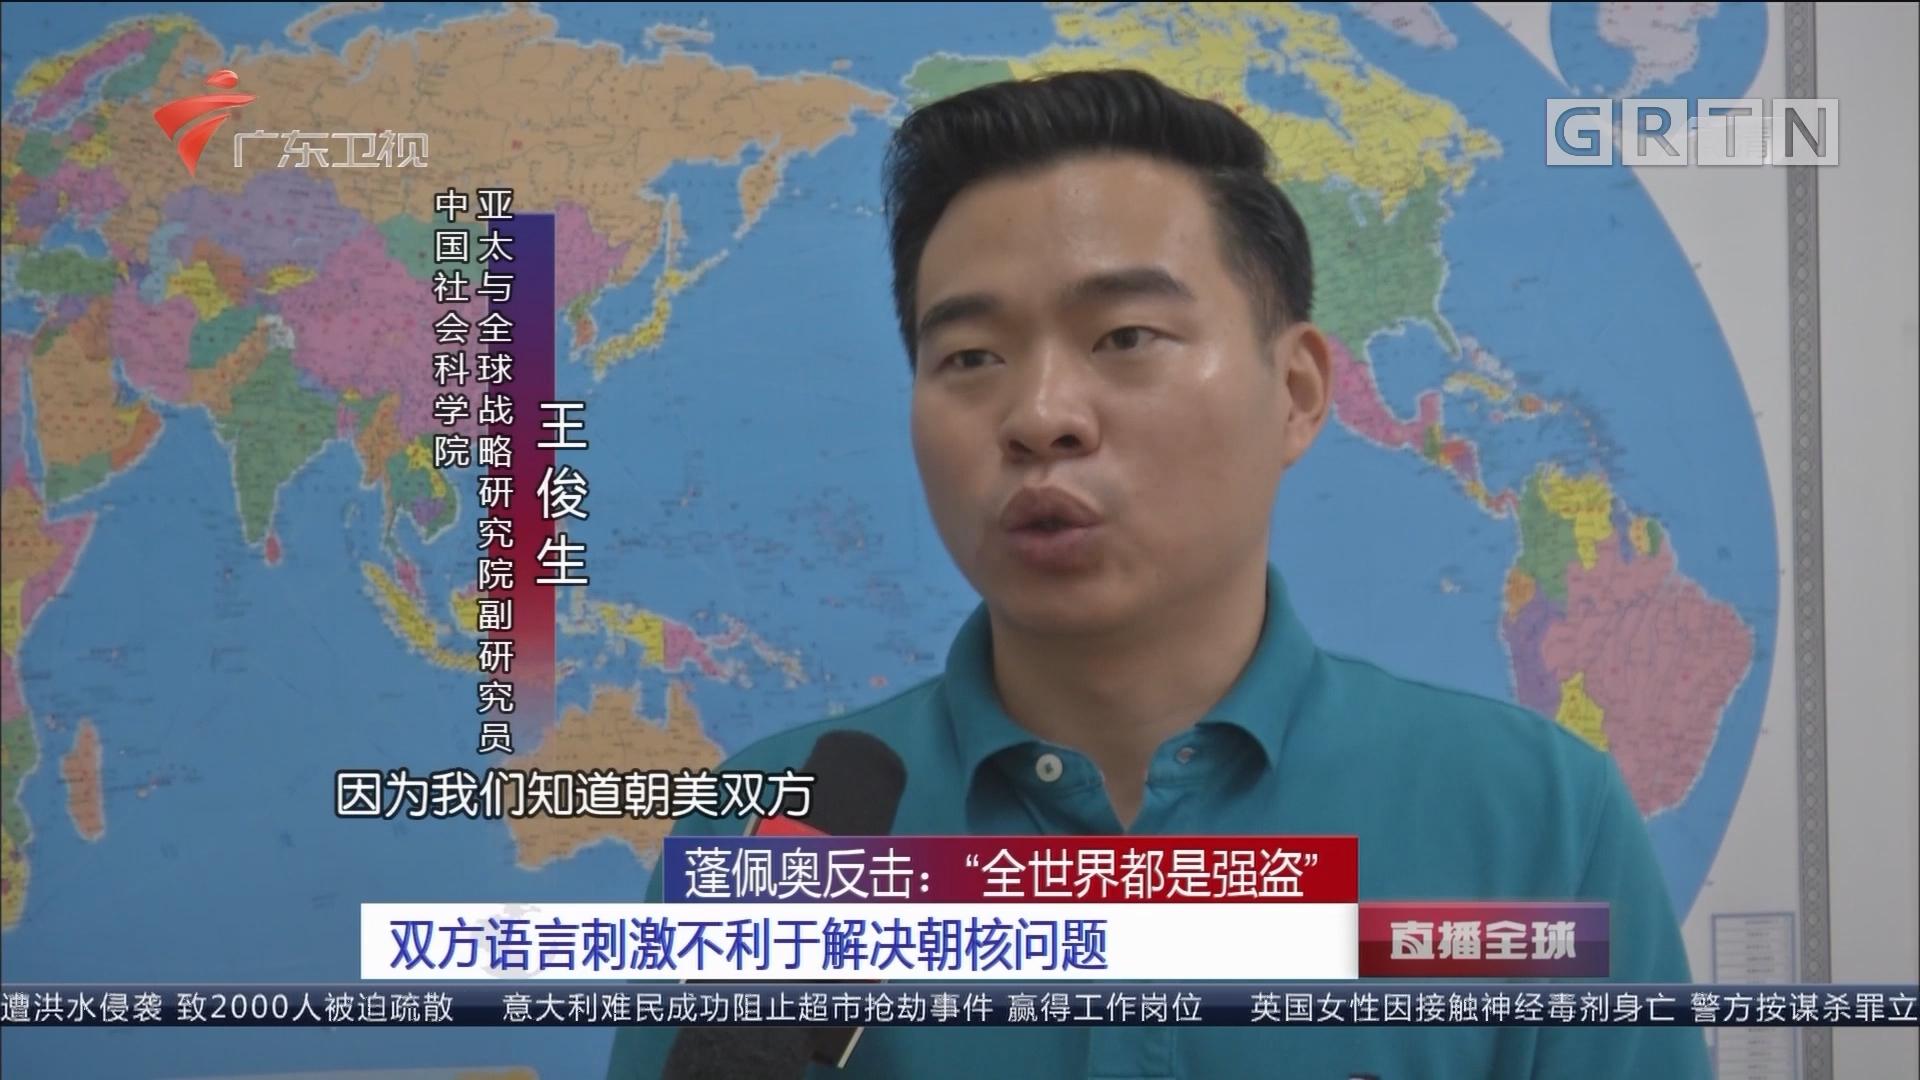 """蓬佩奥反击:""""全世界都是强盗"""" 双方语言刺激不利于解决朝核问题"""